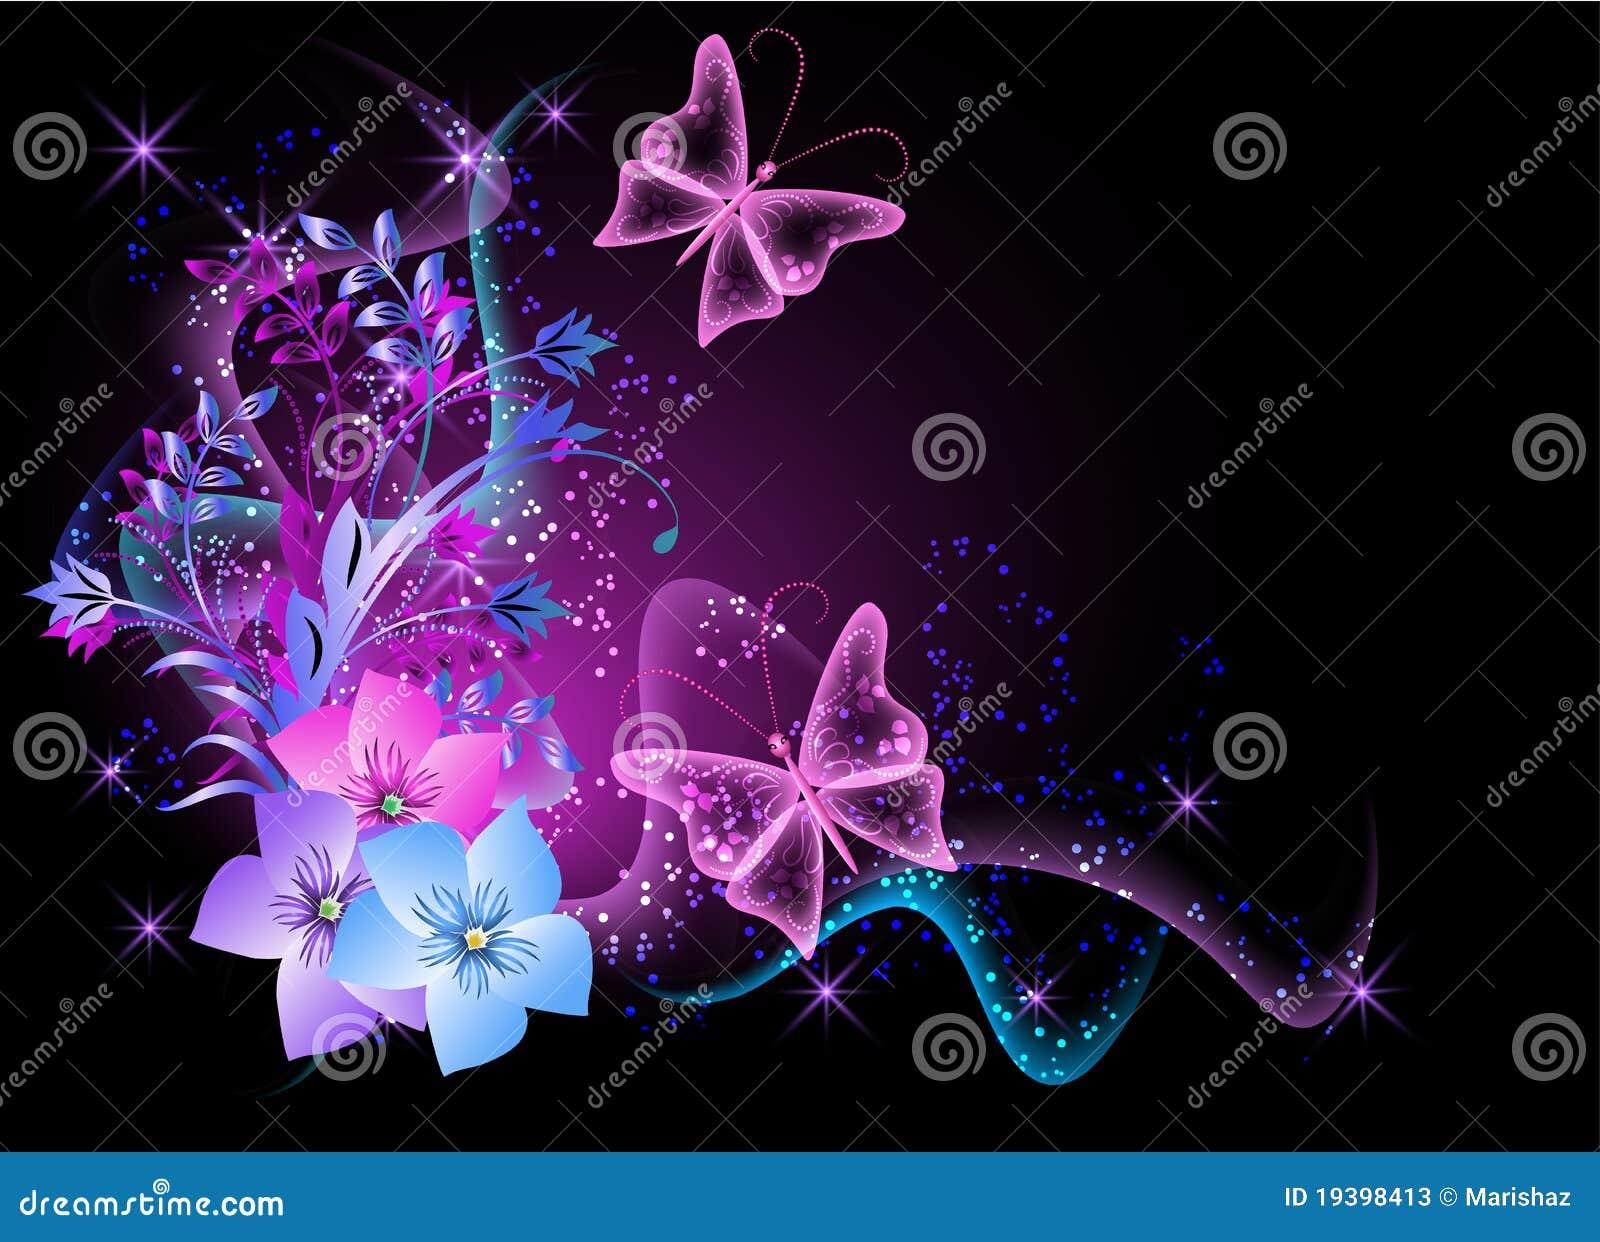 Fondos Para WhasApp de Mariposas - Bajar Imgenes Gratis